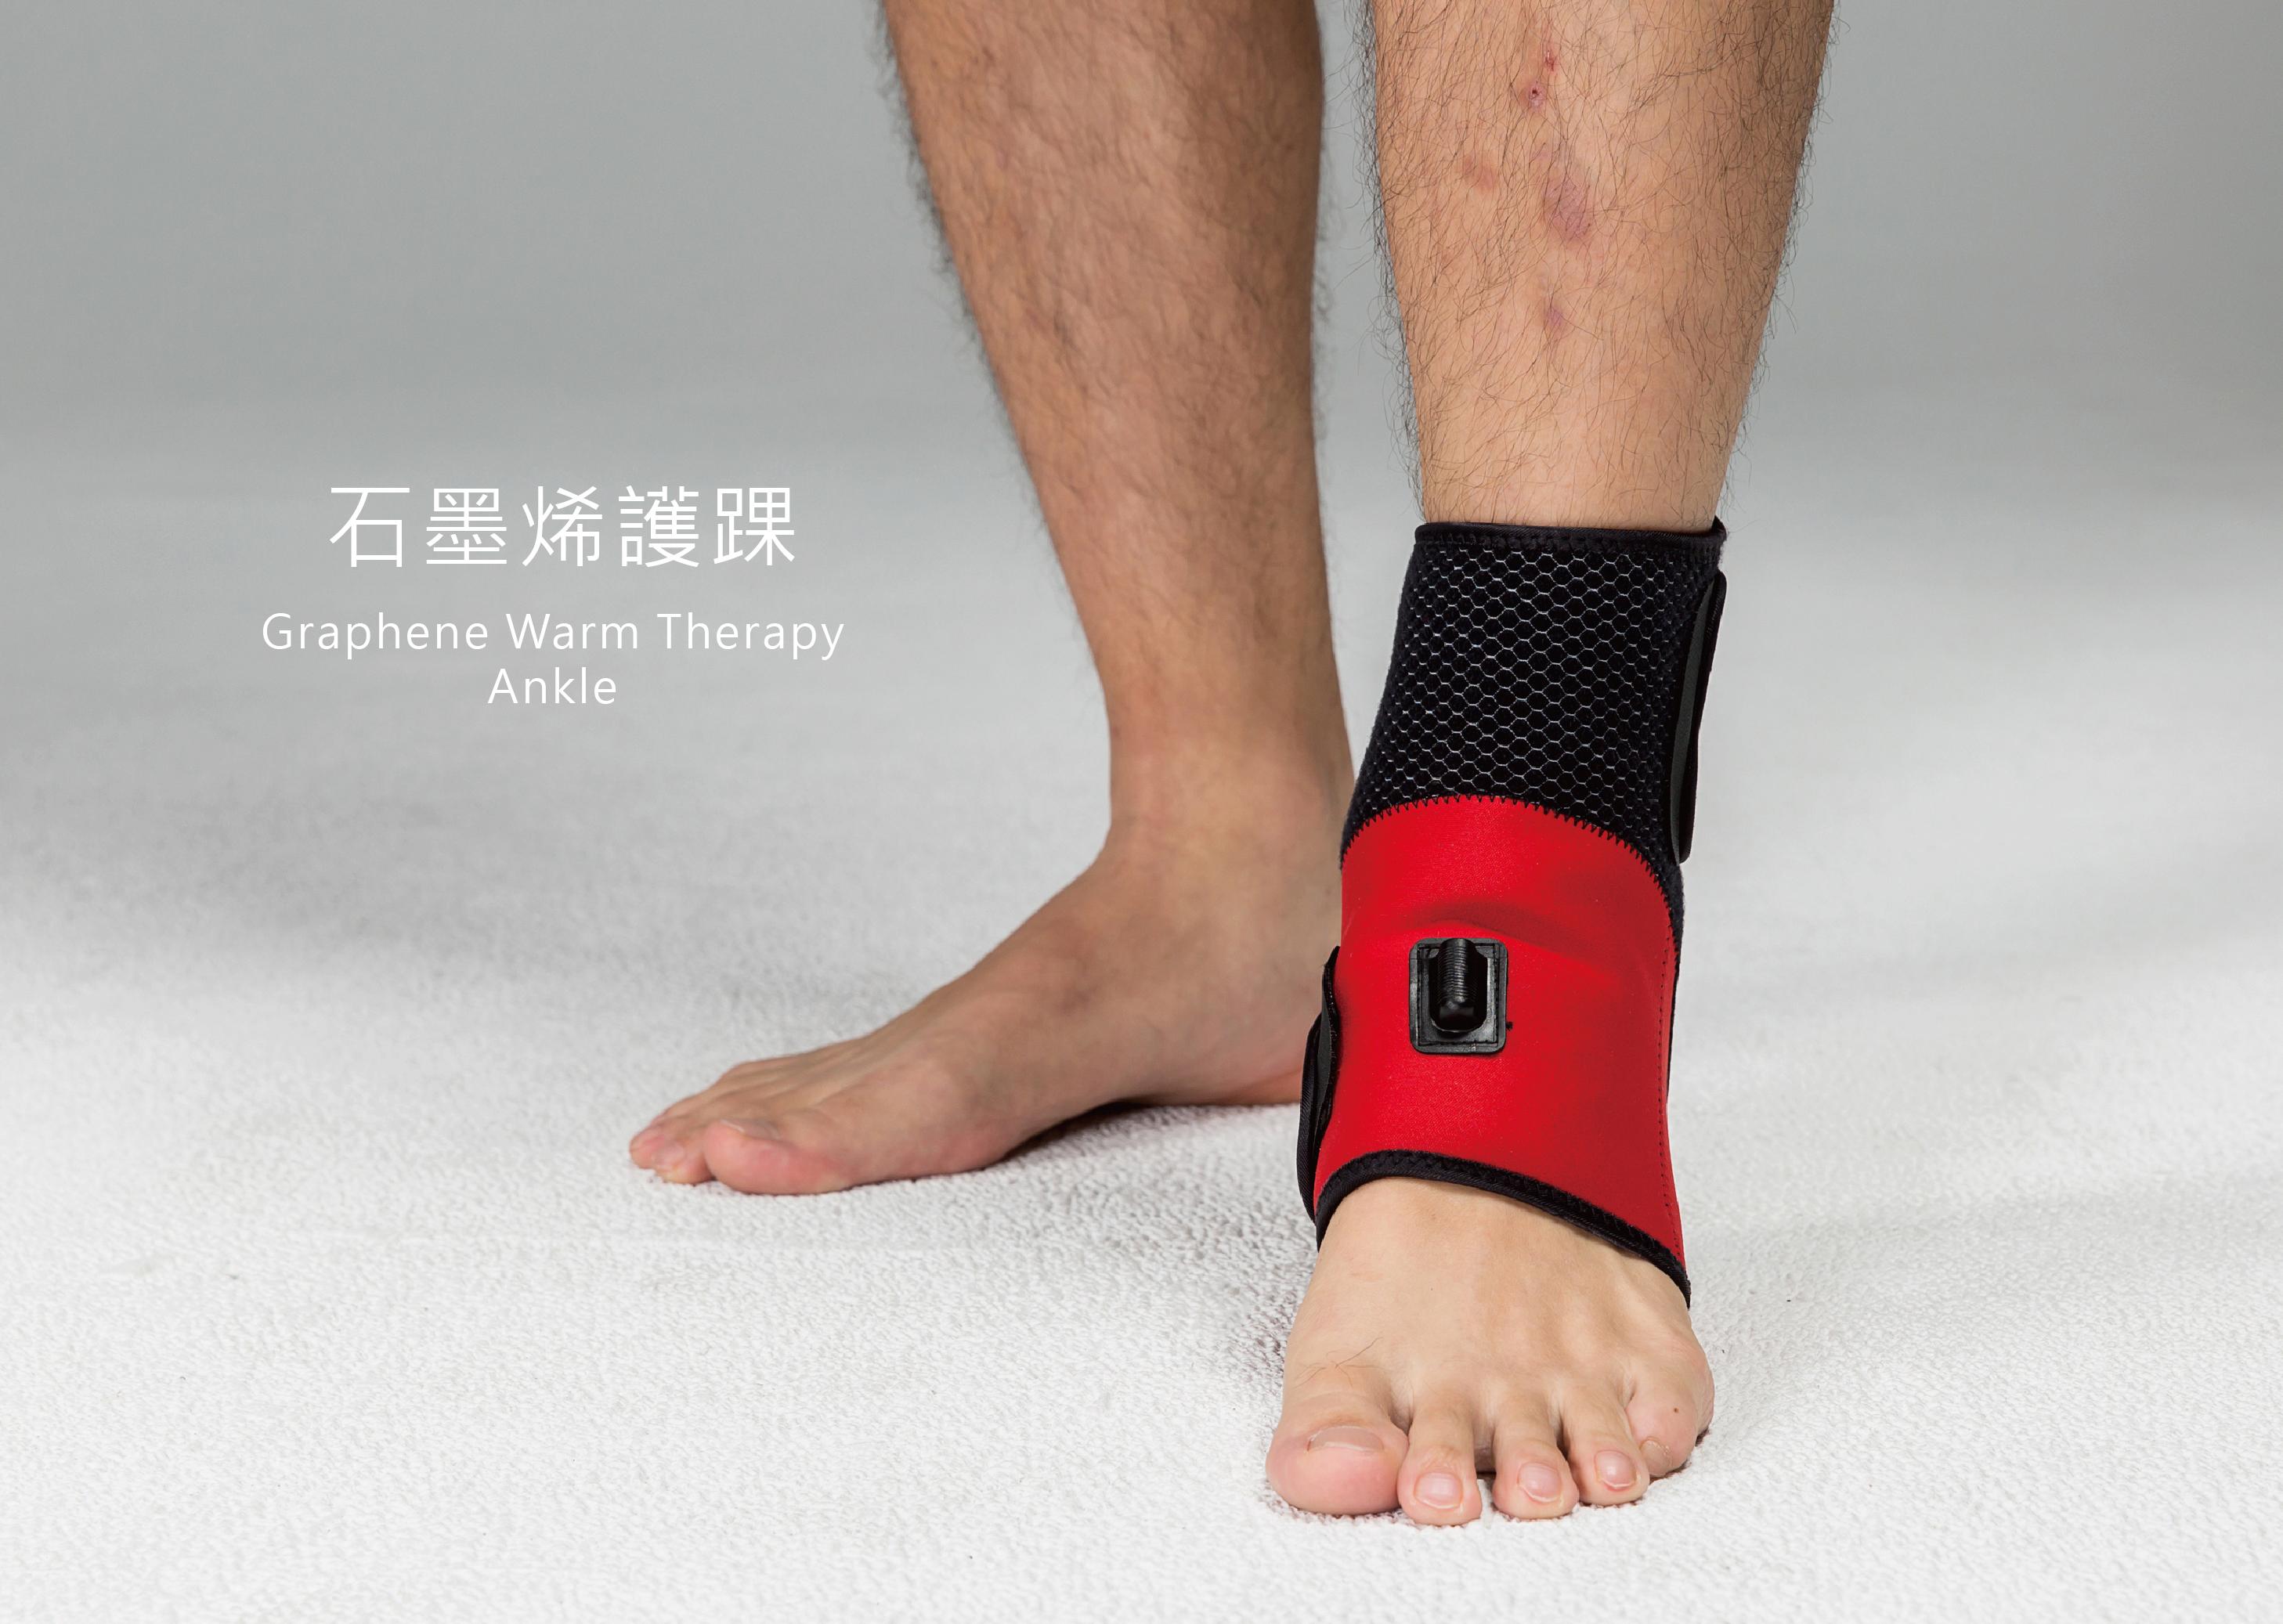 石墨烯護踝